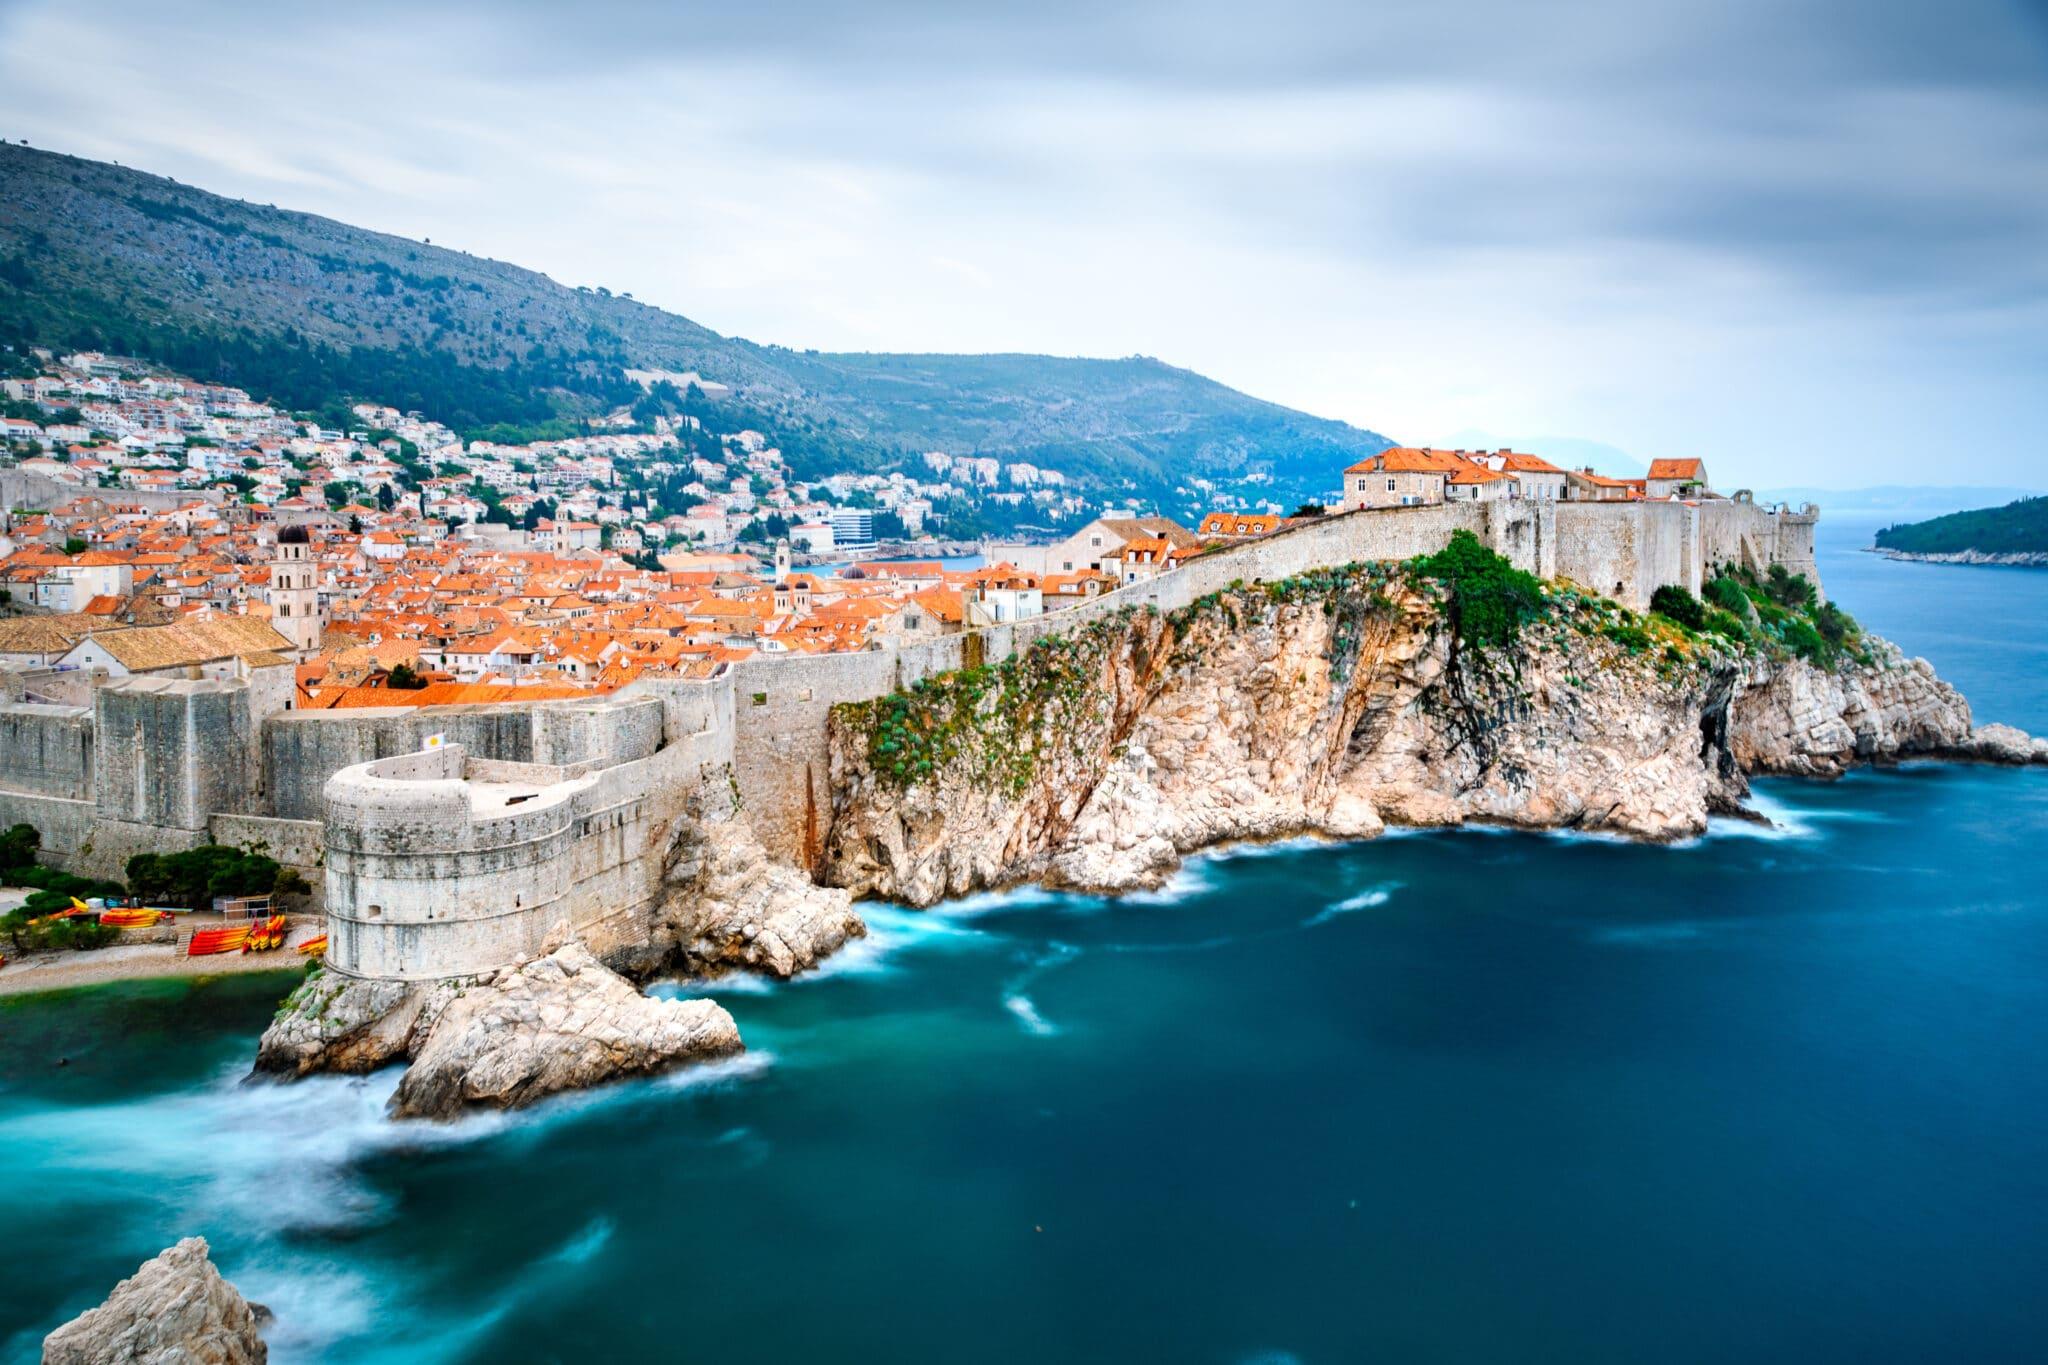 Kroatien-Bosnien-Bookingcom-5000kr - AdobeStock_215405750.jpeg